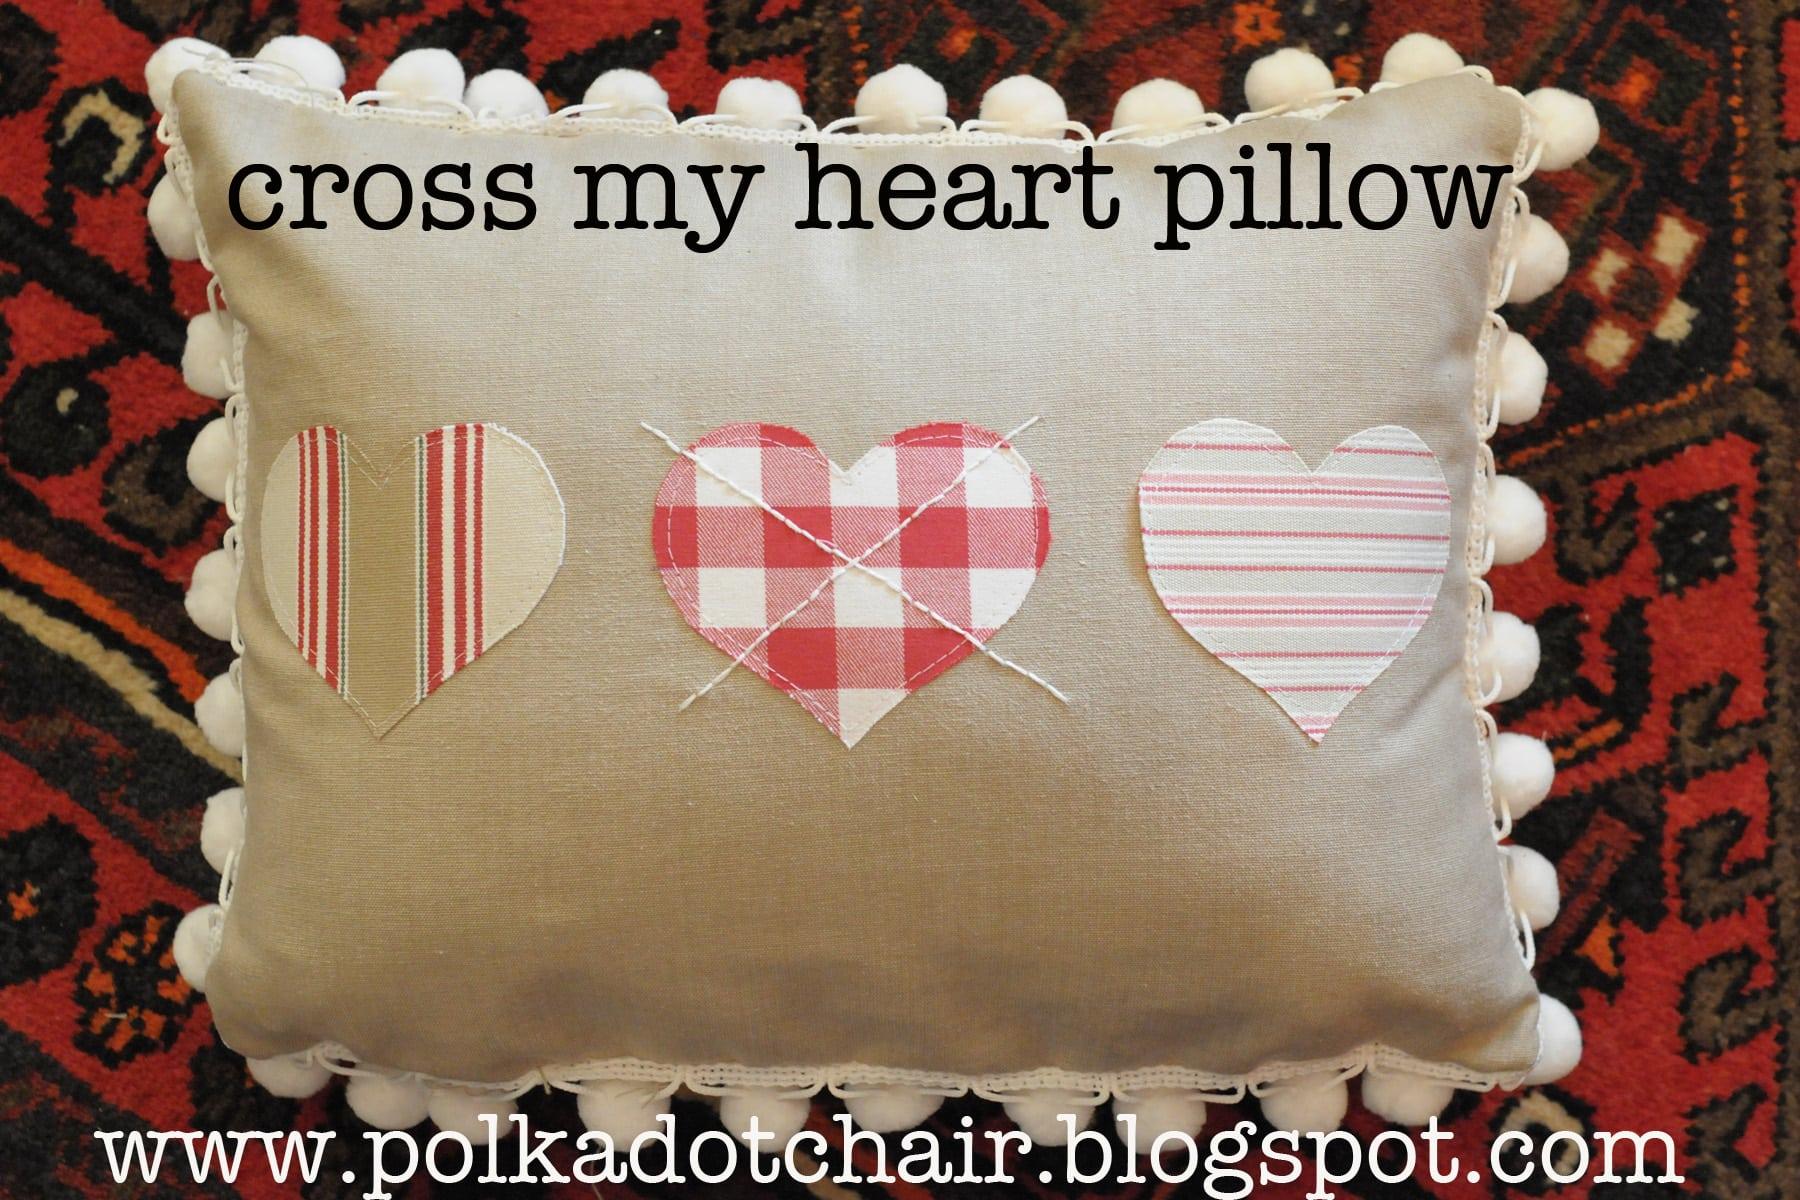 Cross My Heart Pillow Tutorial  The Polkadot Chair